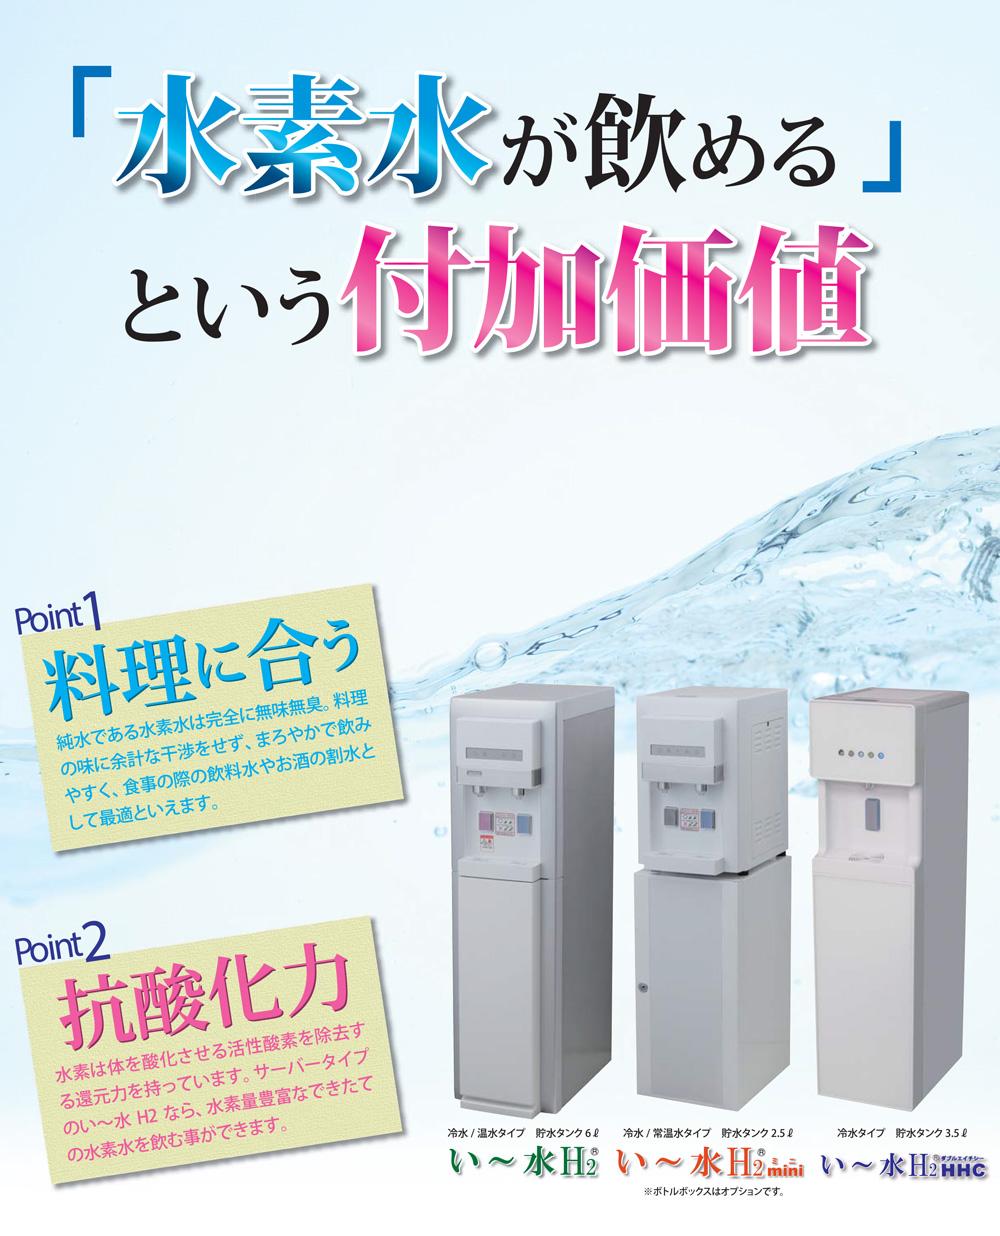 [水素水が飲めるという付加価値] 料理に合う・純粋である水素水は完全に無味無臭。料理の味に余計な干渉をせず、まろやかで飲みやすく、食事の際の飲料水やお酒の割り水として最適と言えます。抗酸化力・水素は体を酸化させる活性酸素を除去する還元力を持っています。サーバータイプのい~水H2なら、水素量豊富なできたての水素水を飲むことができます。